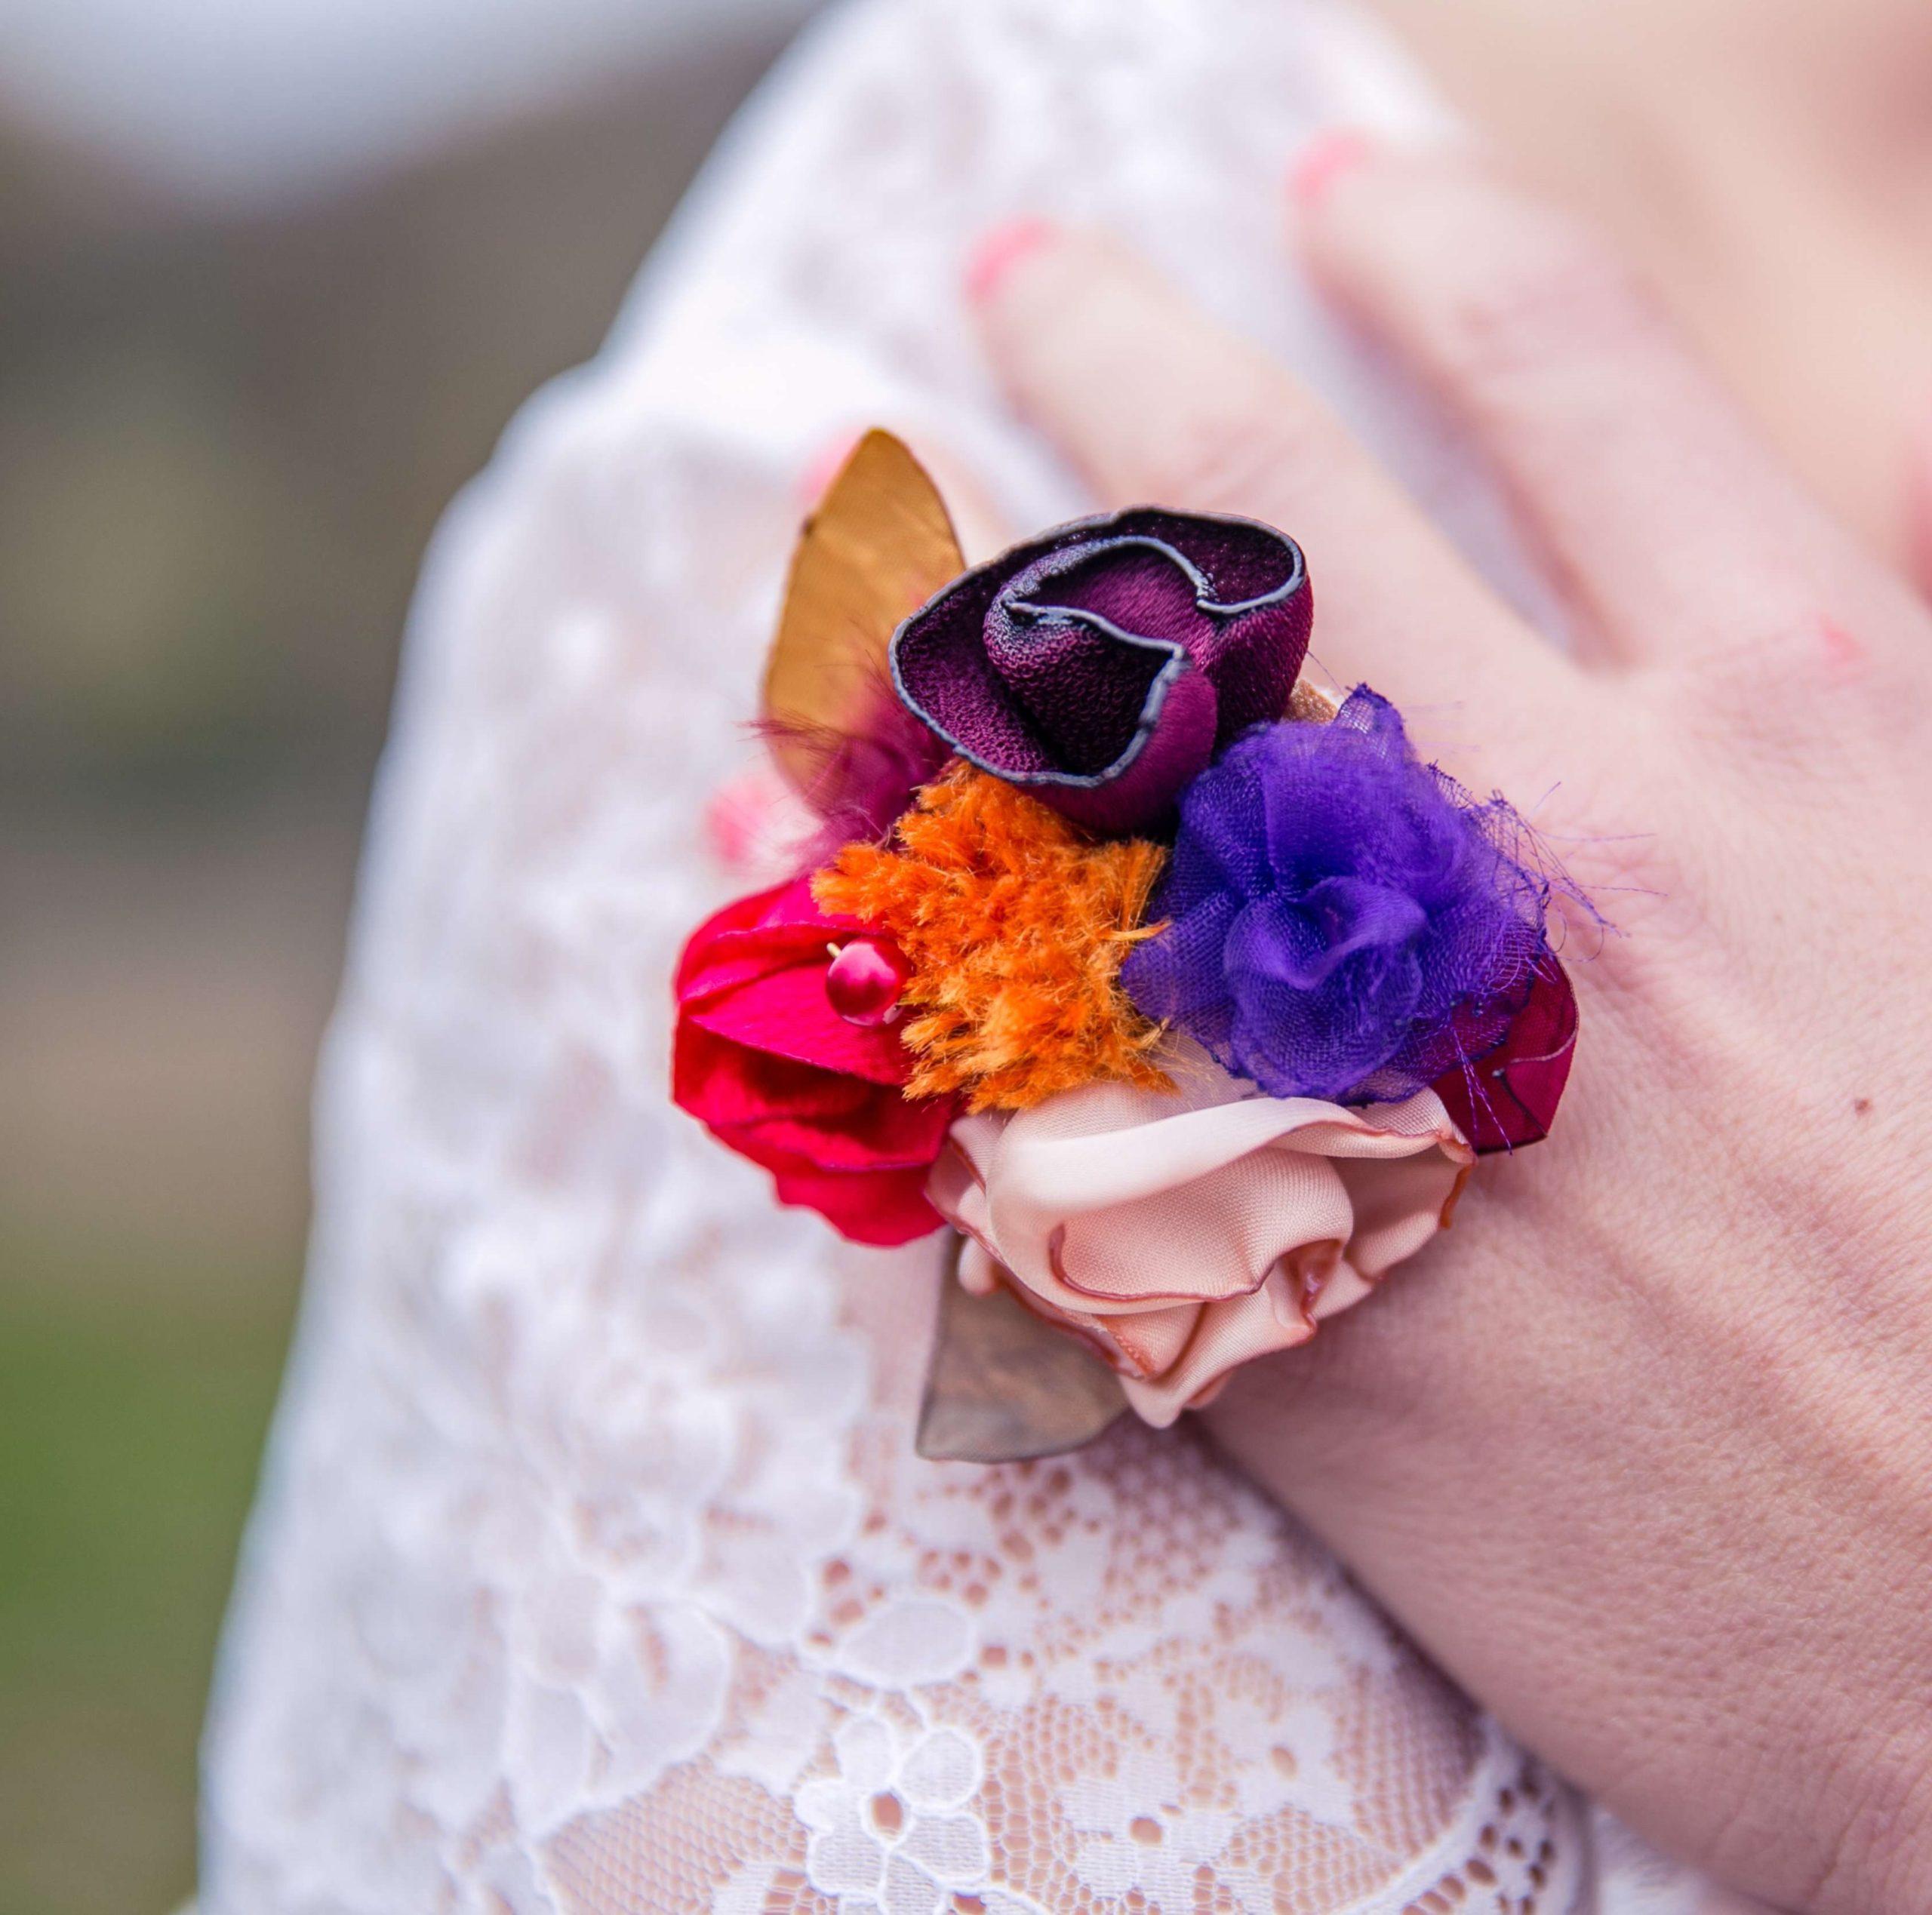 Bague Violette 2 Alice Marty - Couture florale Accessoires Mariage